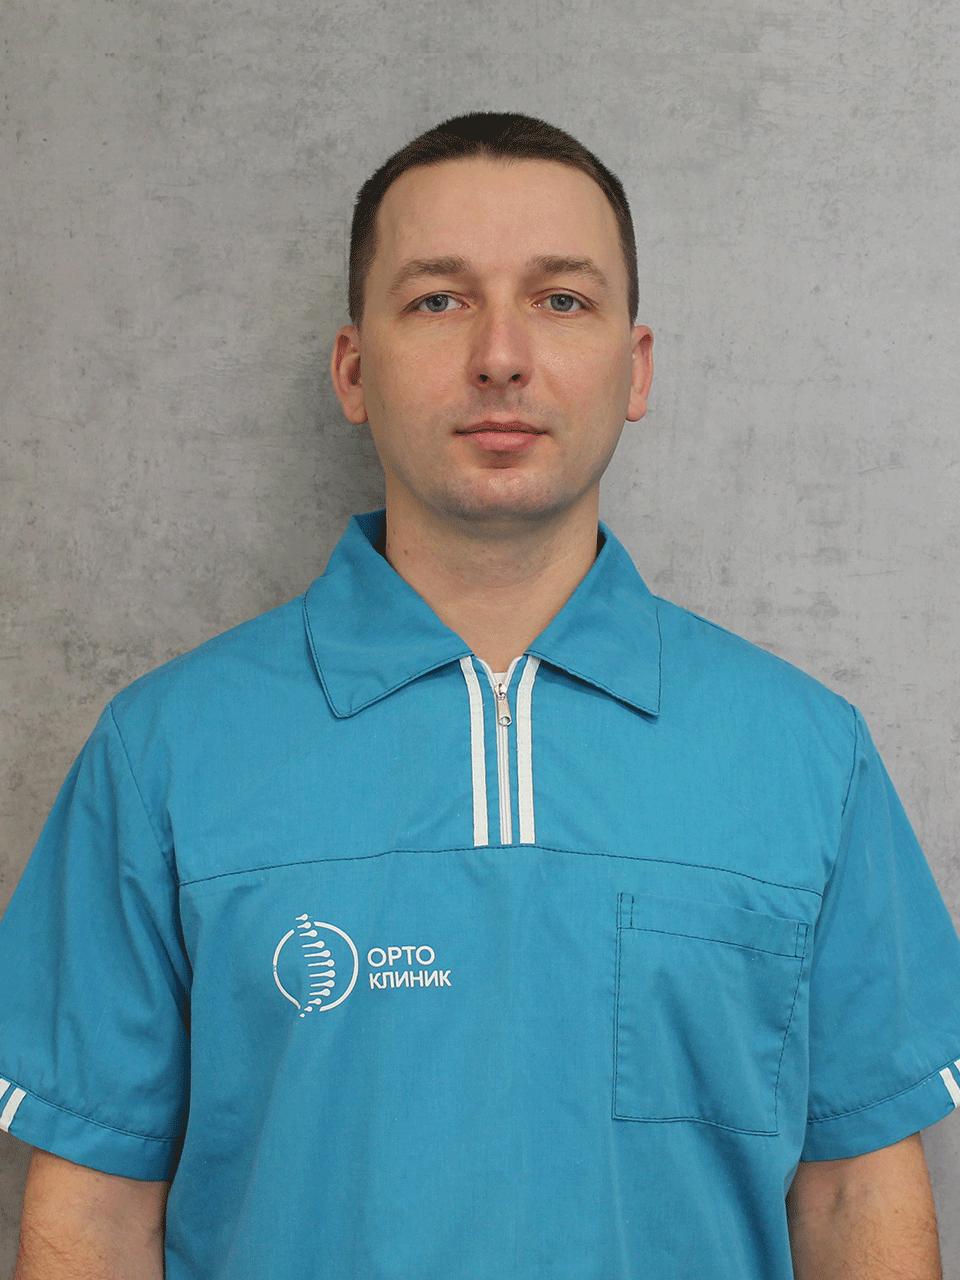 Врач-невролог Короткий Антон Антонович